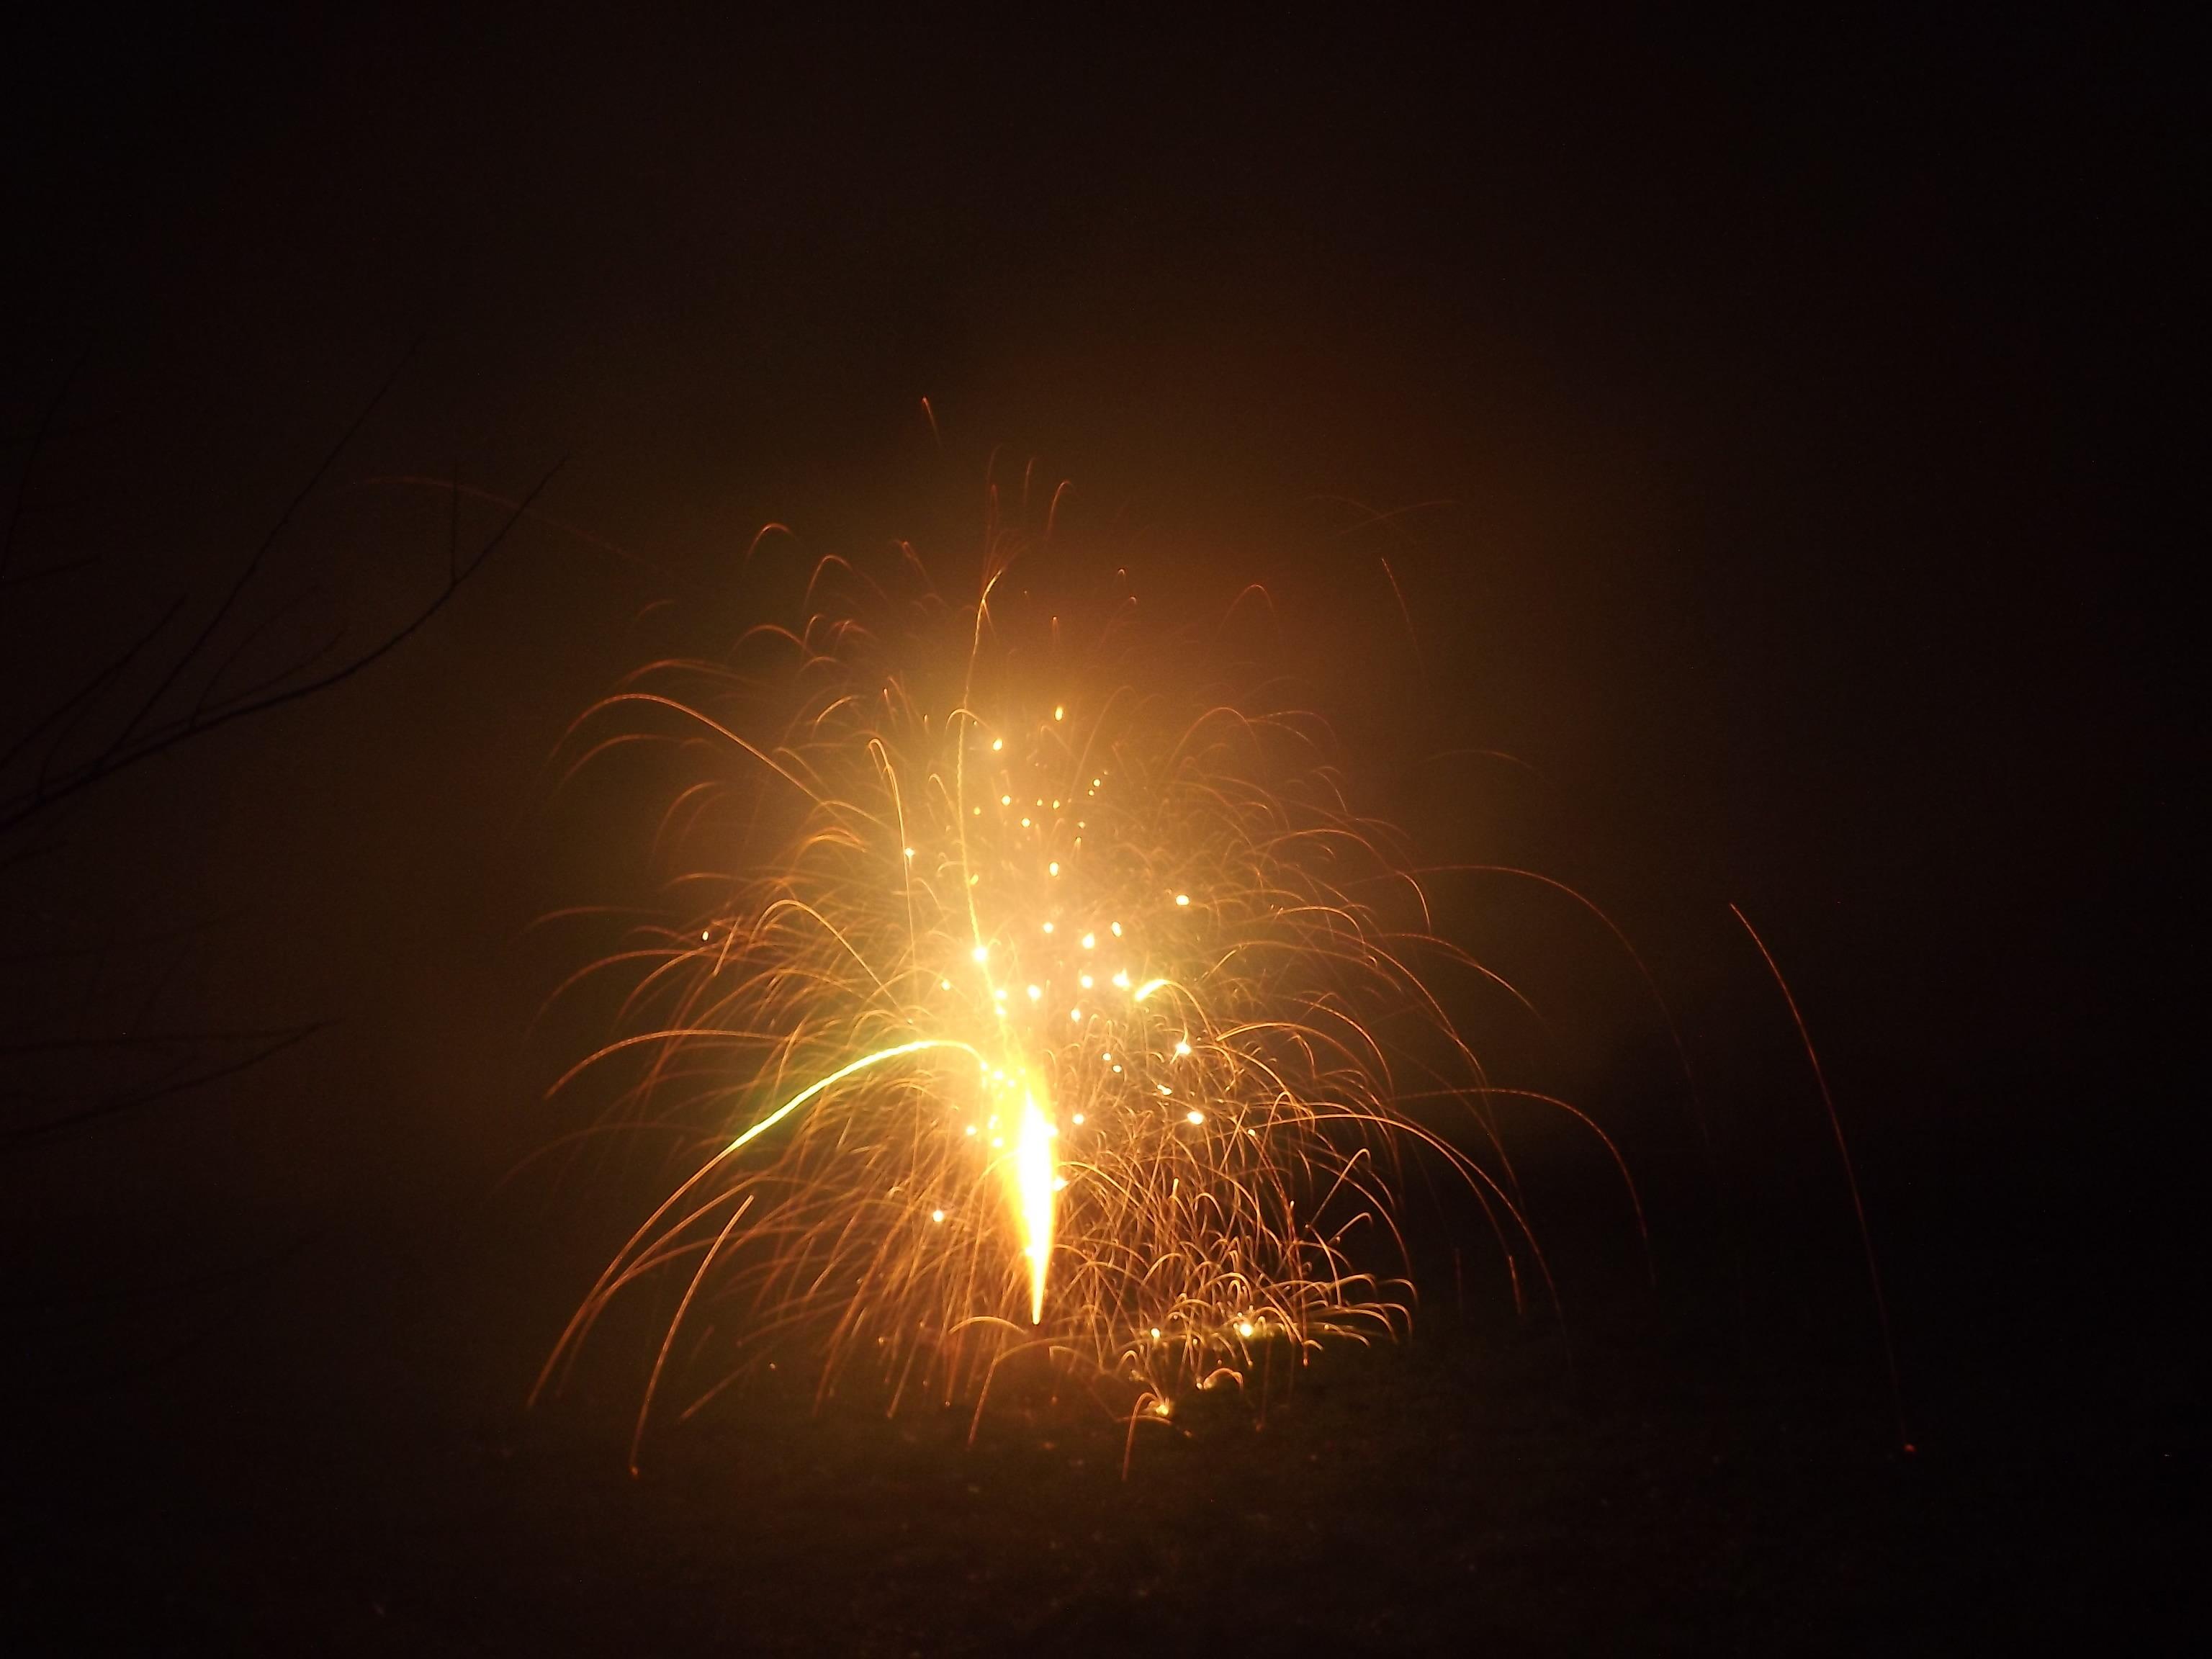 6746-feuerwerk-silvester-neujahr-explosion-crackling